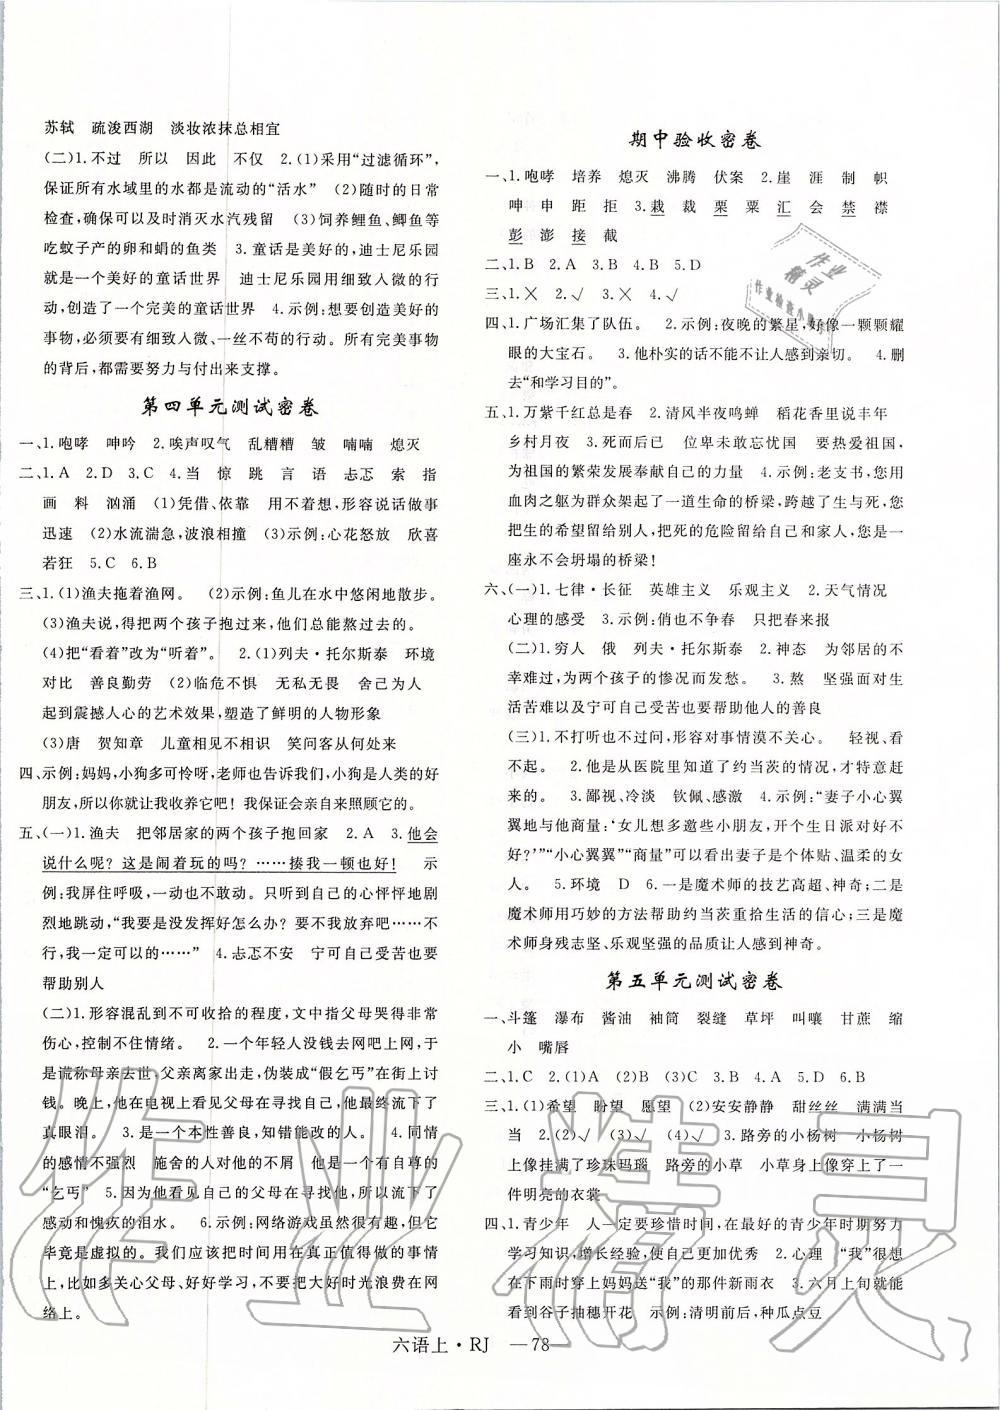 ������ֵ��С������ٷ���ַ22270.COM_2019年优翼优干线单元加期末卷小学语文六年级上册人教版第2页